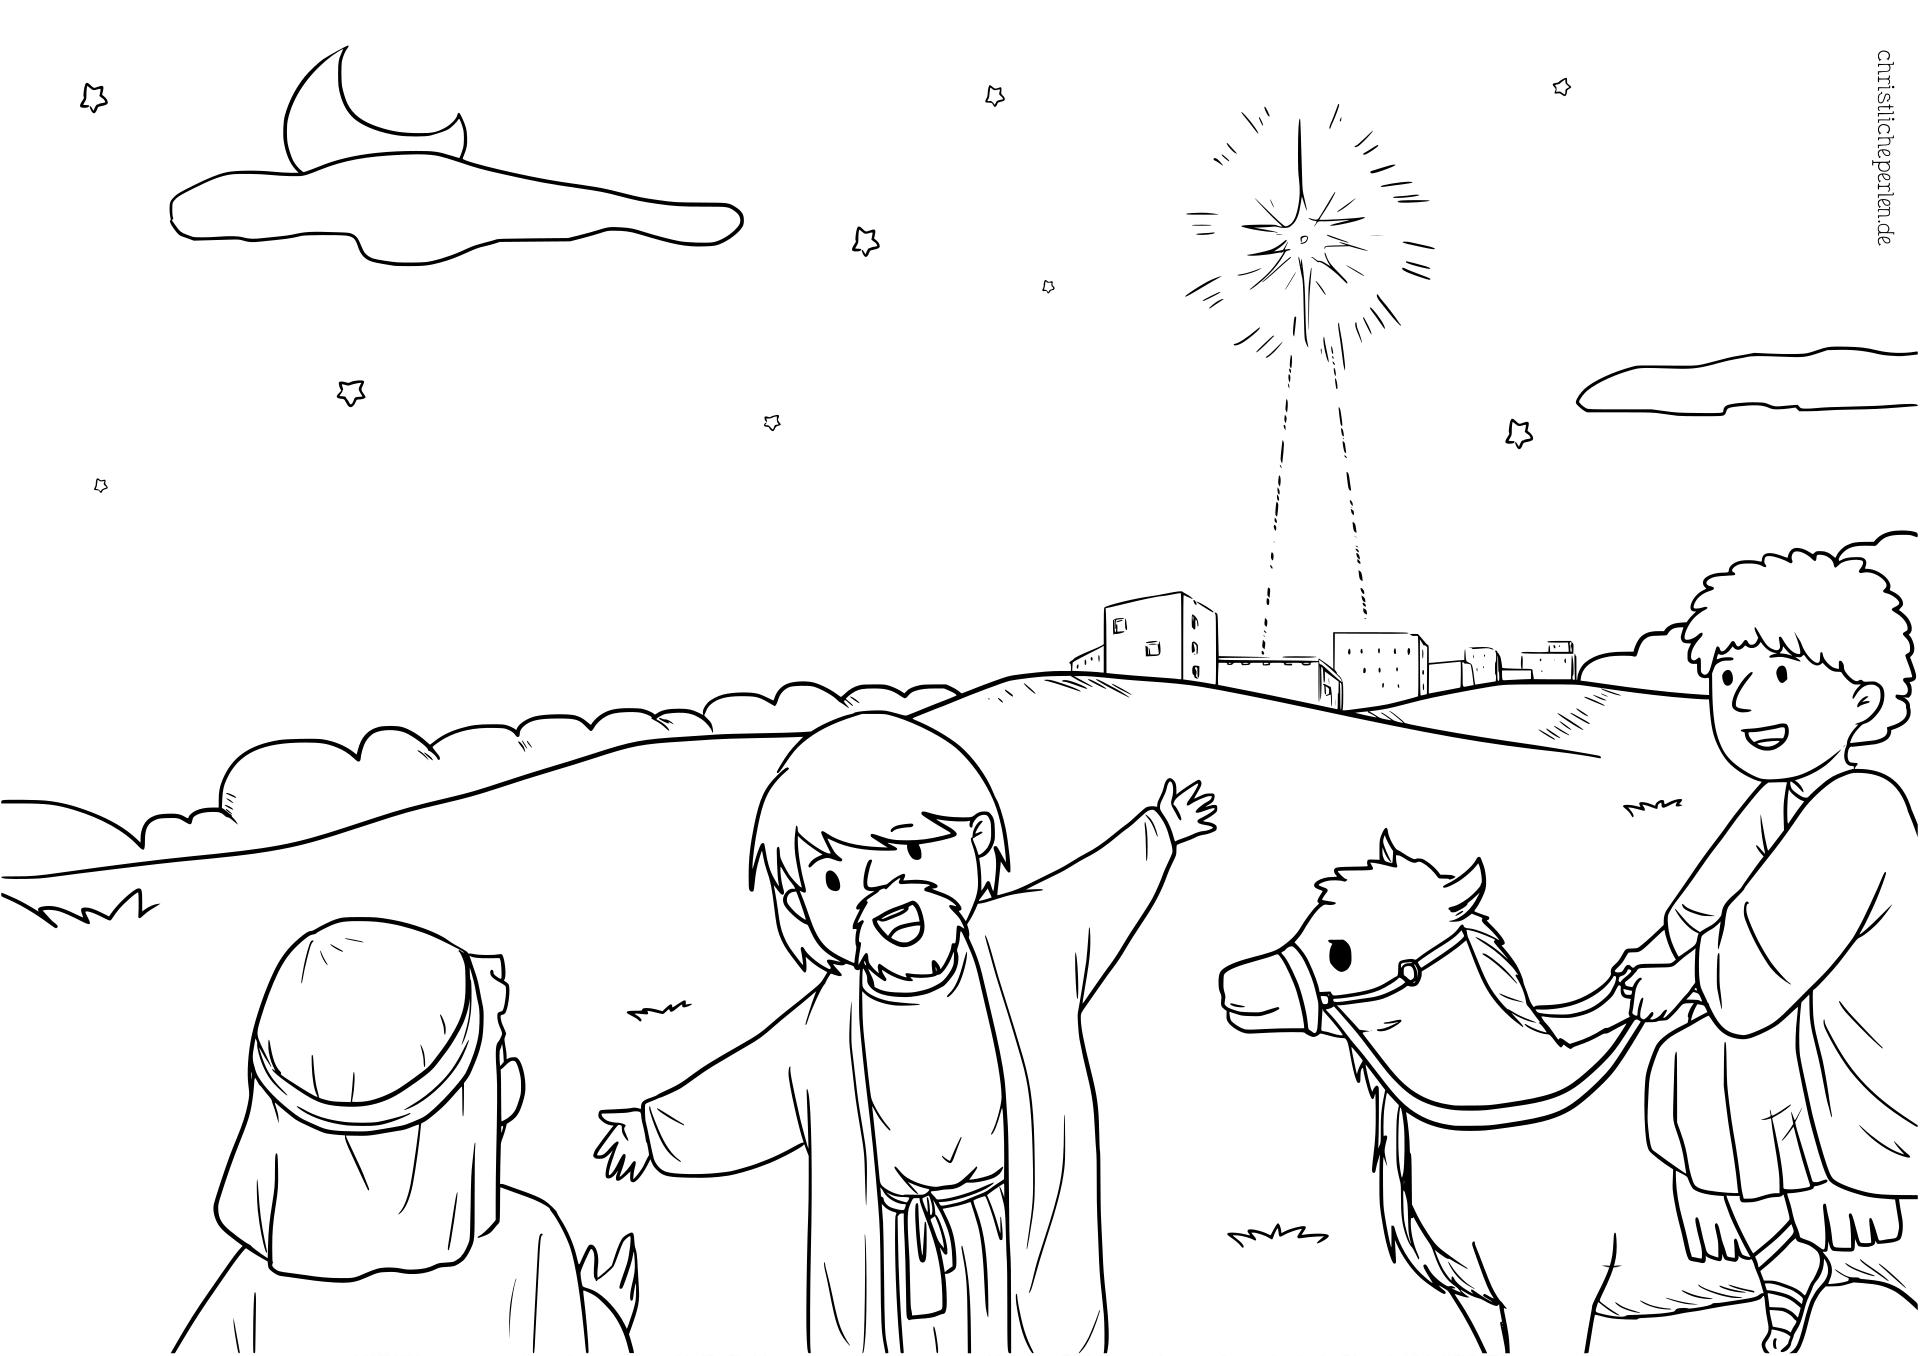 Christliche Weihnachtsbilder Zum Ausdrucken.Ausmalbilder Zu Weihnachten Christliche Perlen